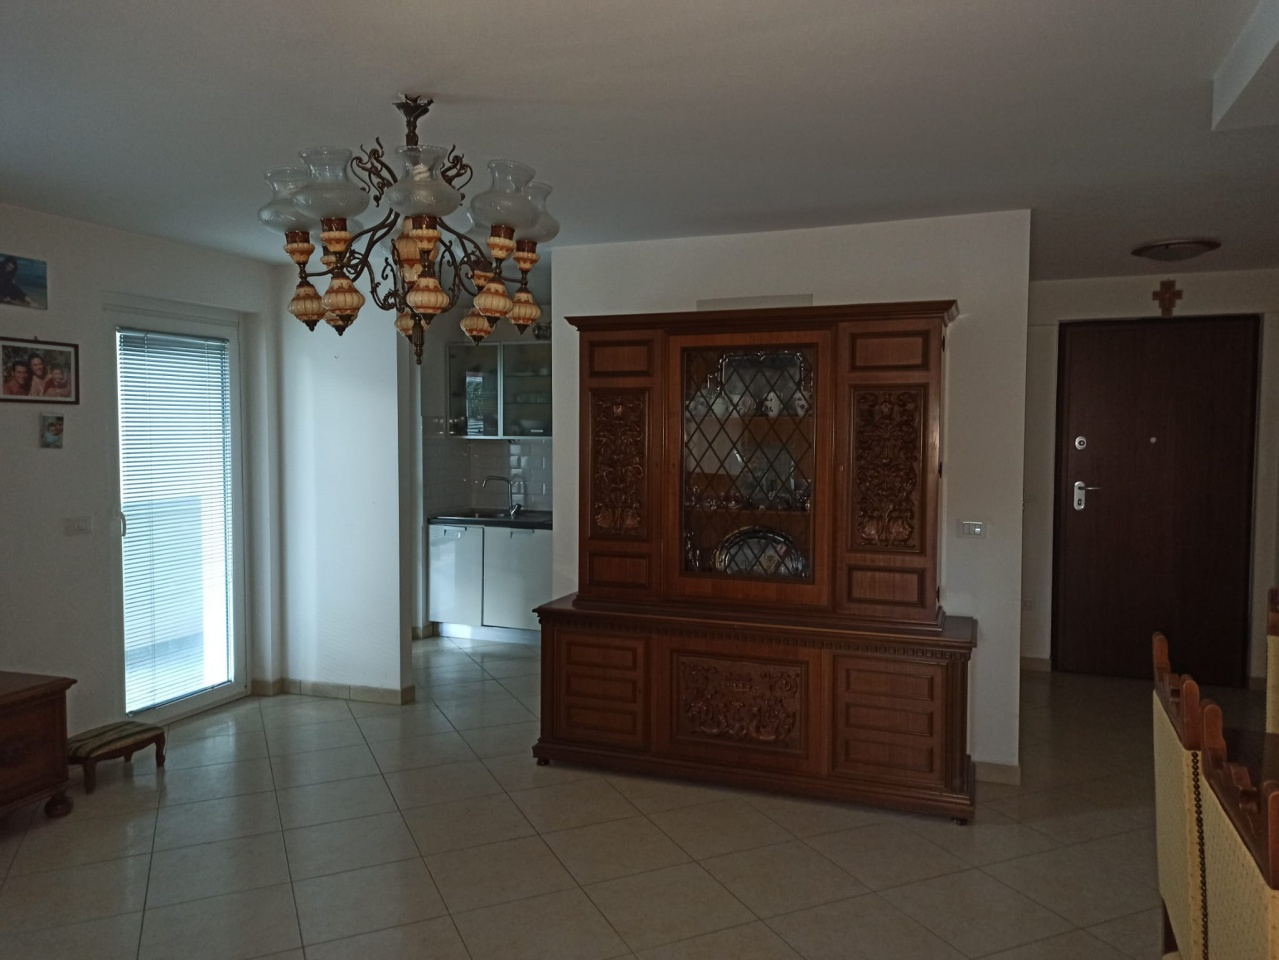 Appartamento in vendita a Montesilvano, 3 locali, prezzo € 165.000 | PortaleAgenzieImmobiliari.it